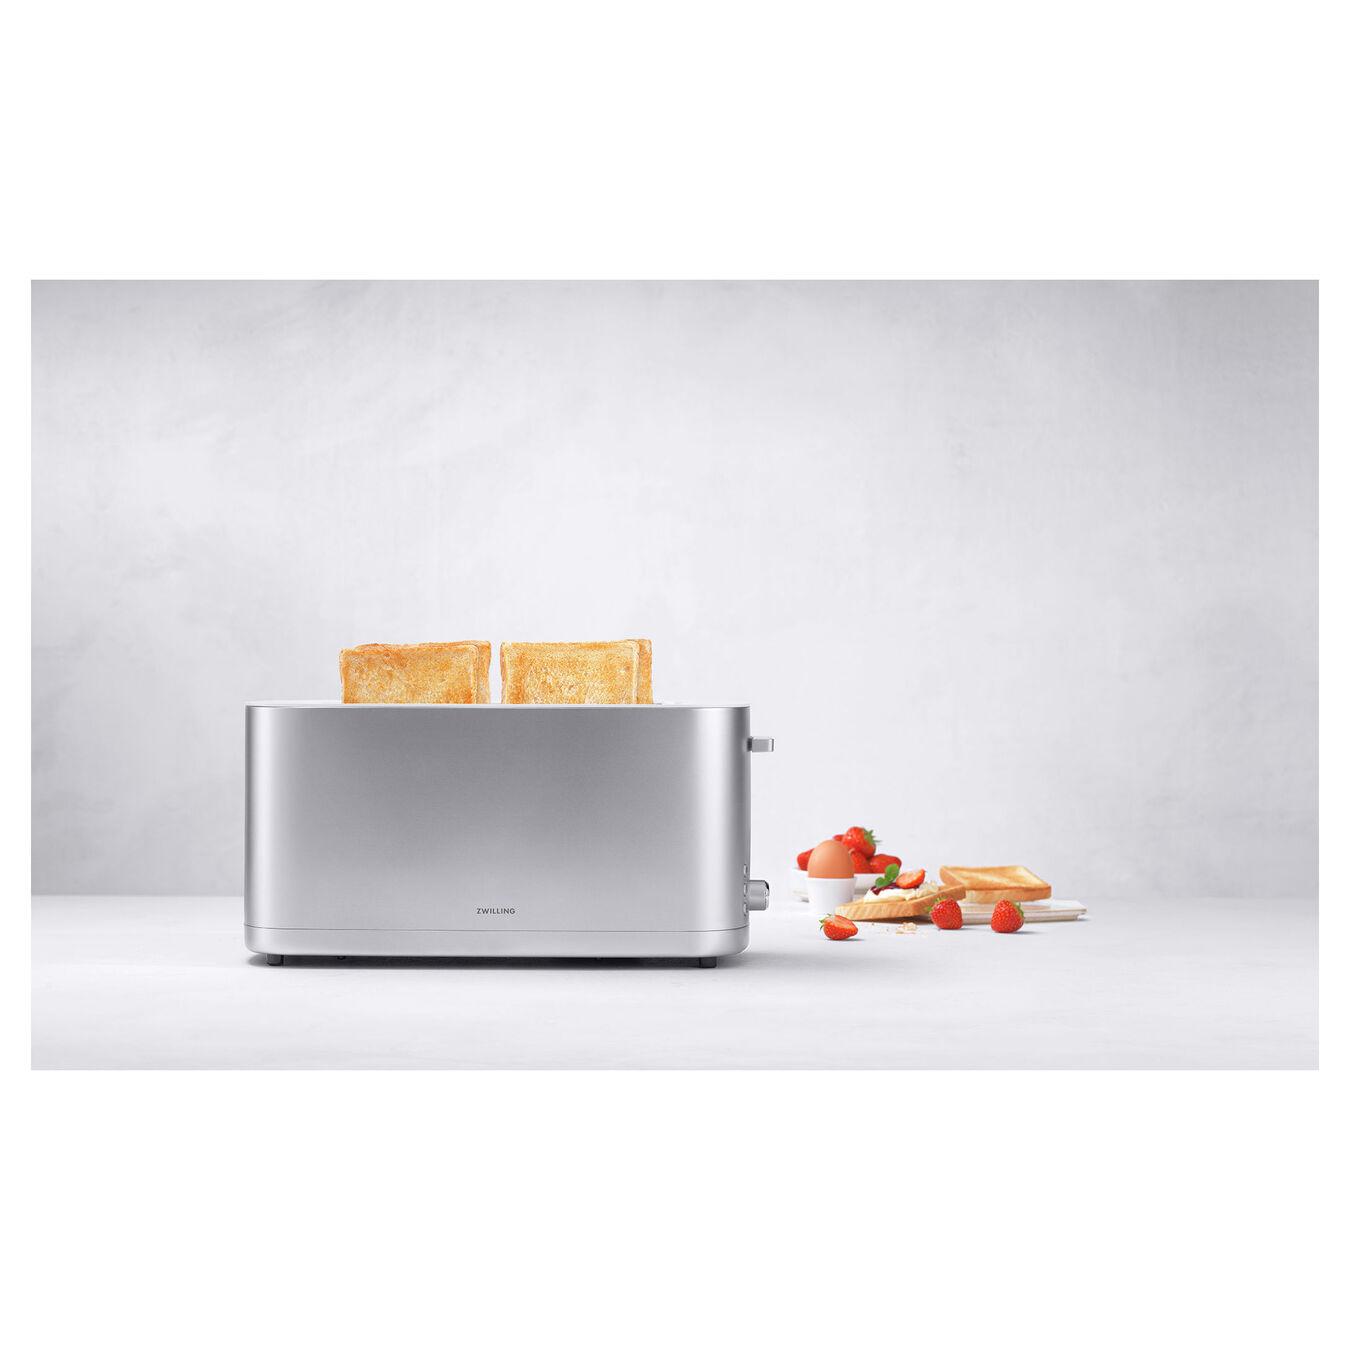 Ekmek Kızartma Makinesi çörek ısıtıcılı | 2 yuva 4 dilim,,large 3